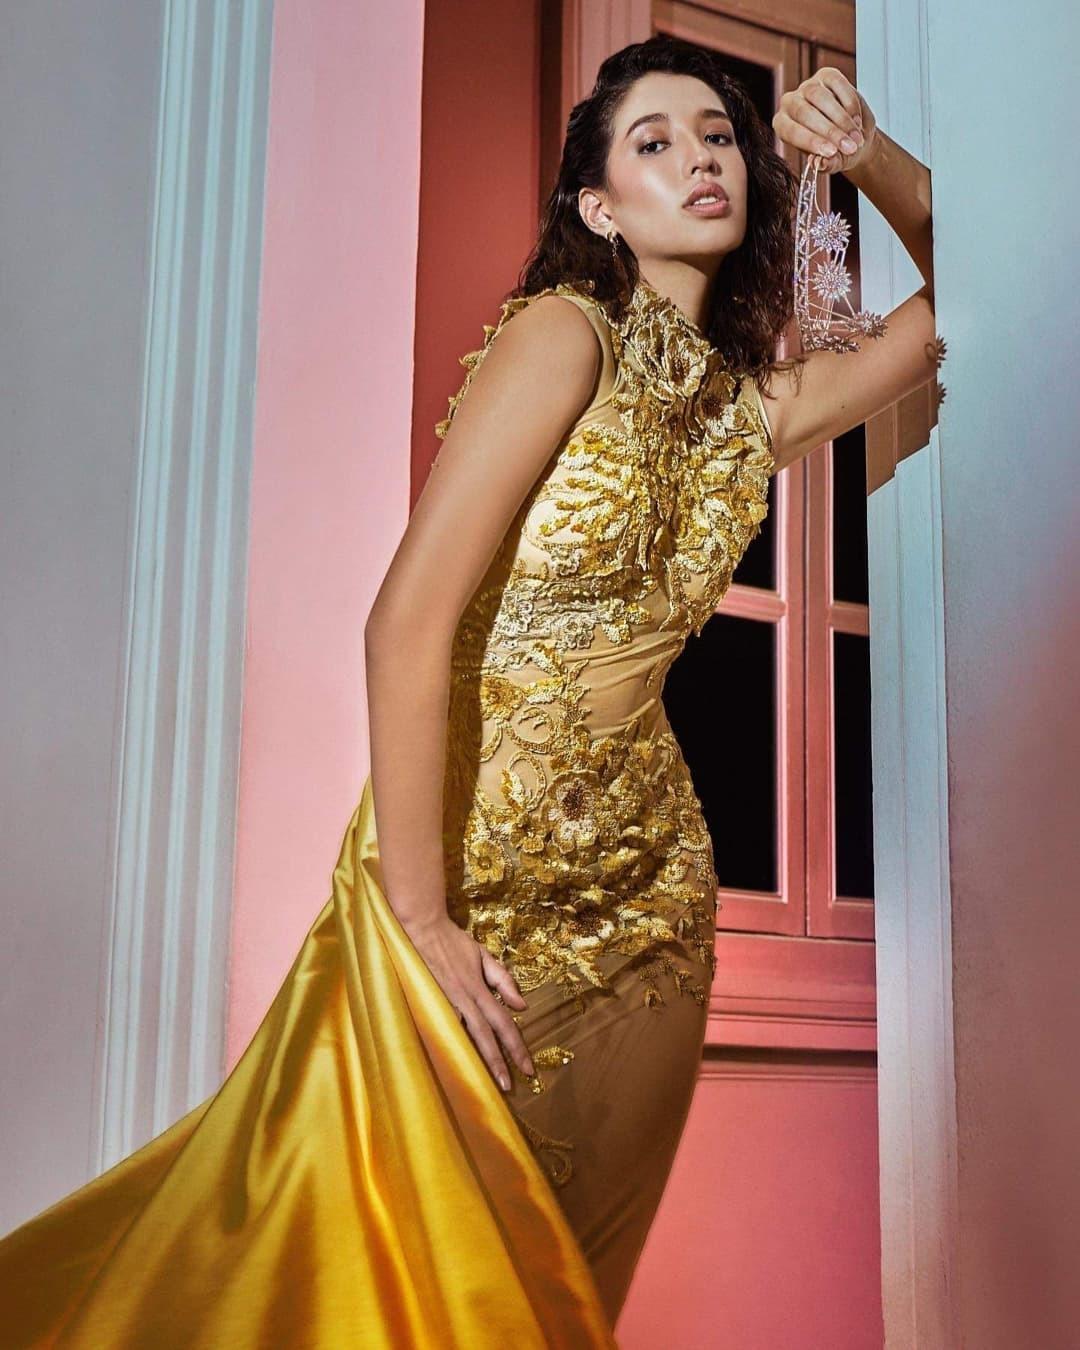 Vẻ đẹp nóng bỏng của Á hậu Singapore tại giải nữ châu Á